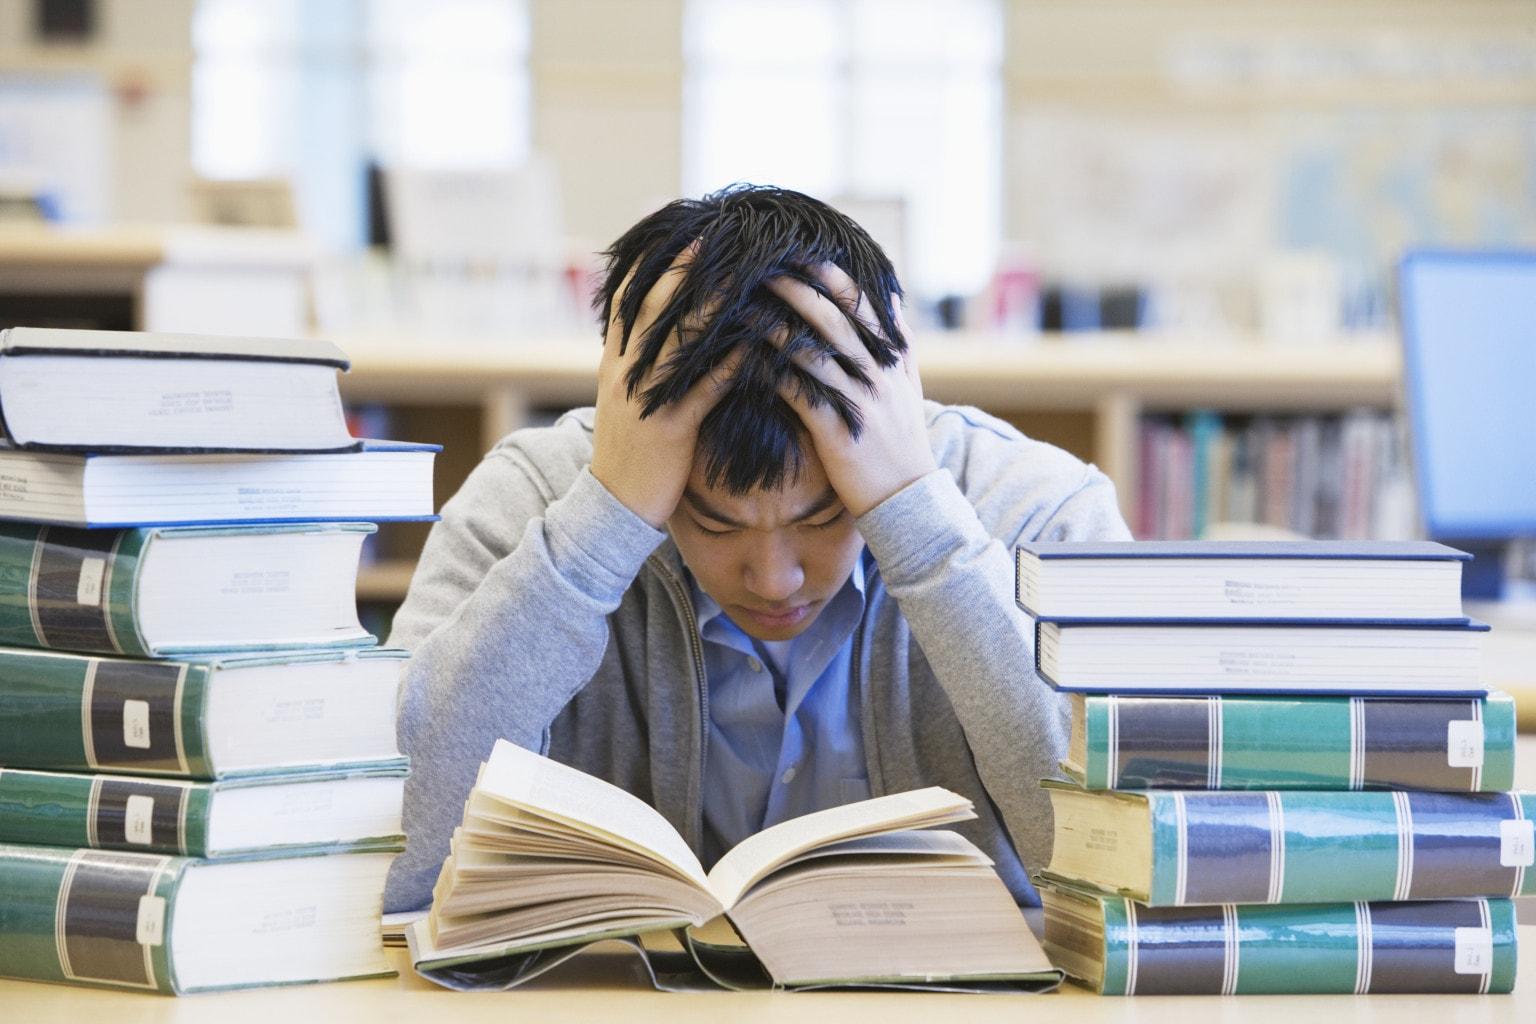 Kết thúc cấp 3, bạn cần xác định học tiếp để làm gì?